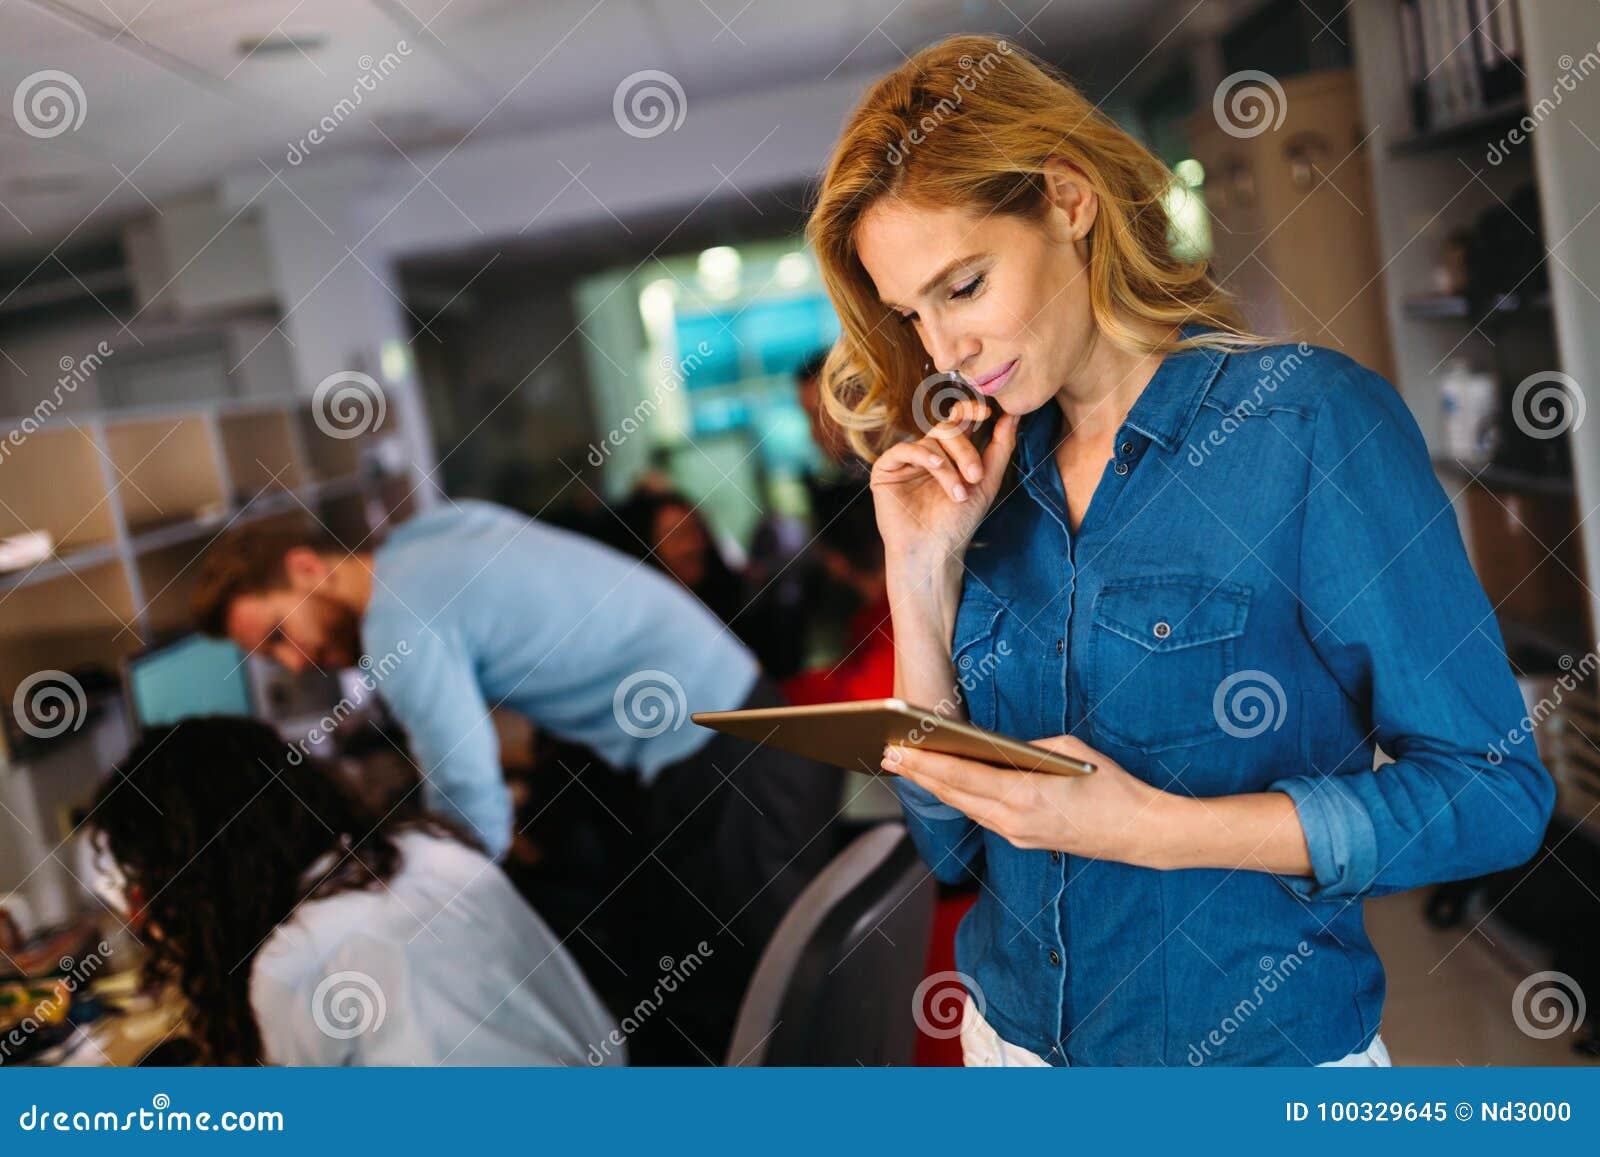 Retrato de la Software Engineer que usa la tableta digital